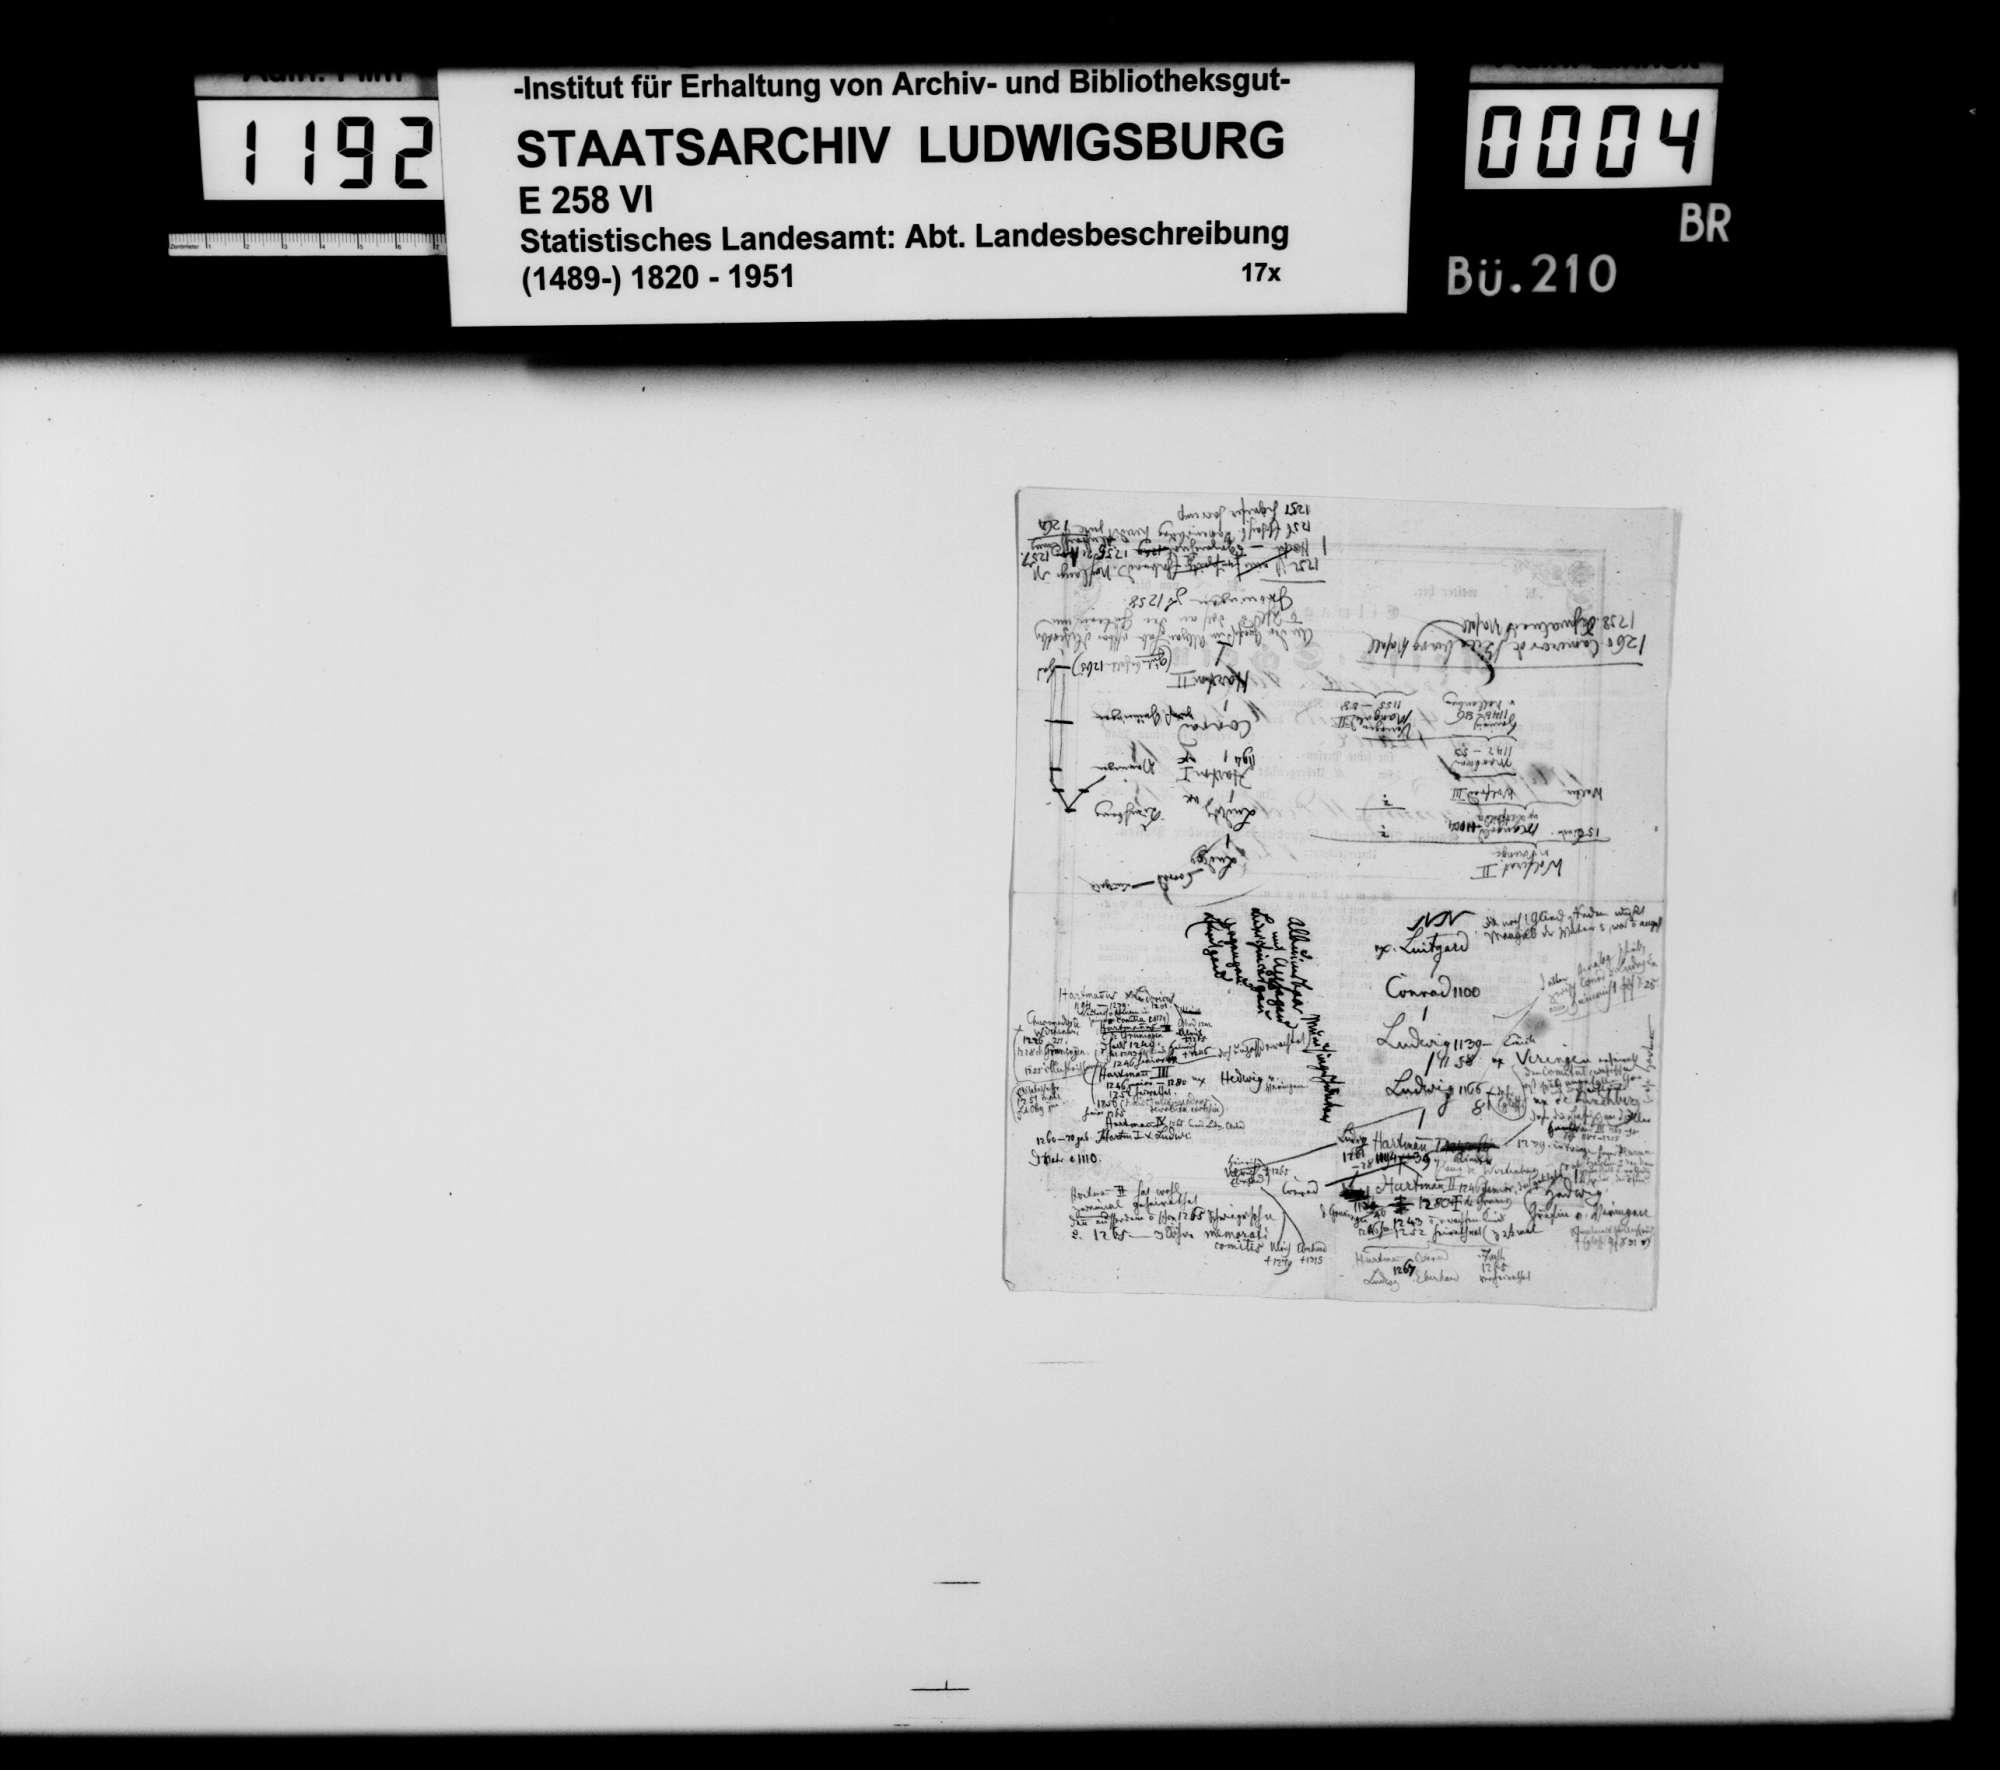 Kollektaneen und Aufsatzkonzepte des Dekans [Hermann] Bauer aus Weinsberg zur Genealogie und Geschichte des Adels im Königreich, vor allem zum Ursprung des Hauses Württemberg, Bild 2